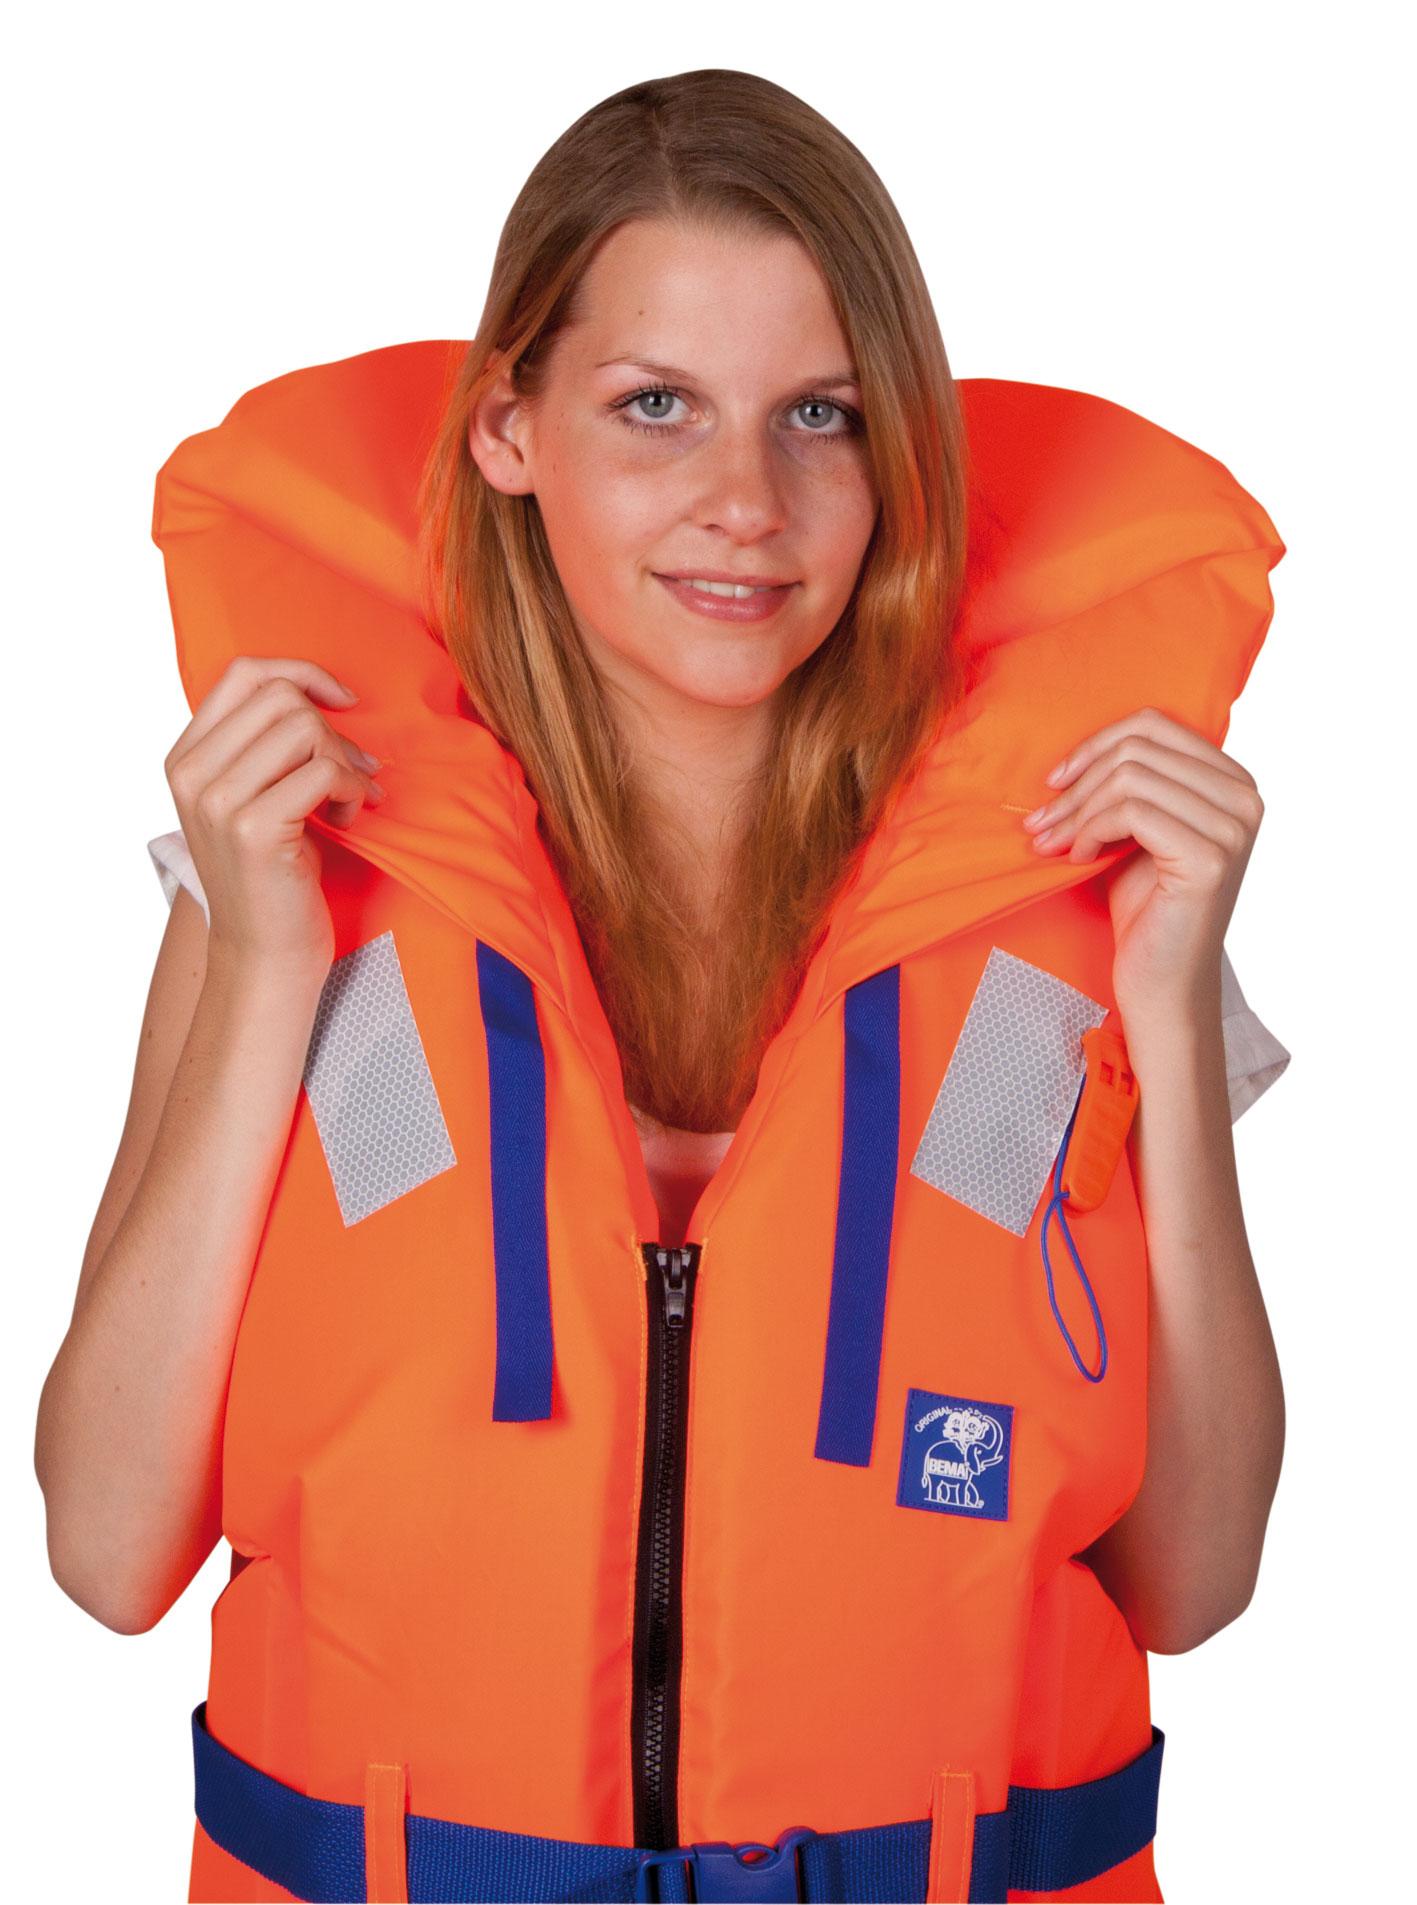 Schwimmweste / Rettungsweste BEMA Erwachsene Größe L Bild 1